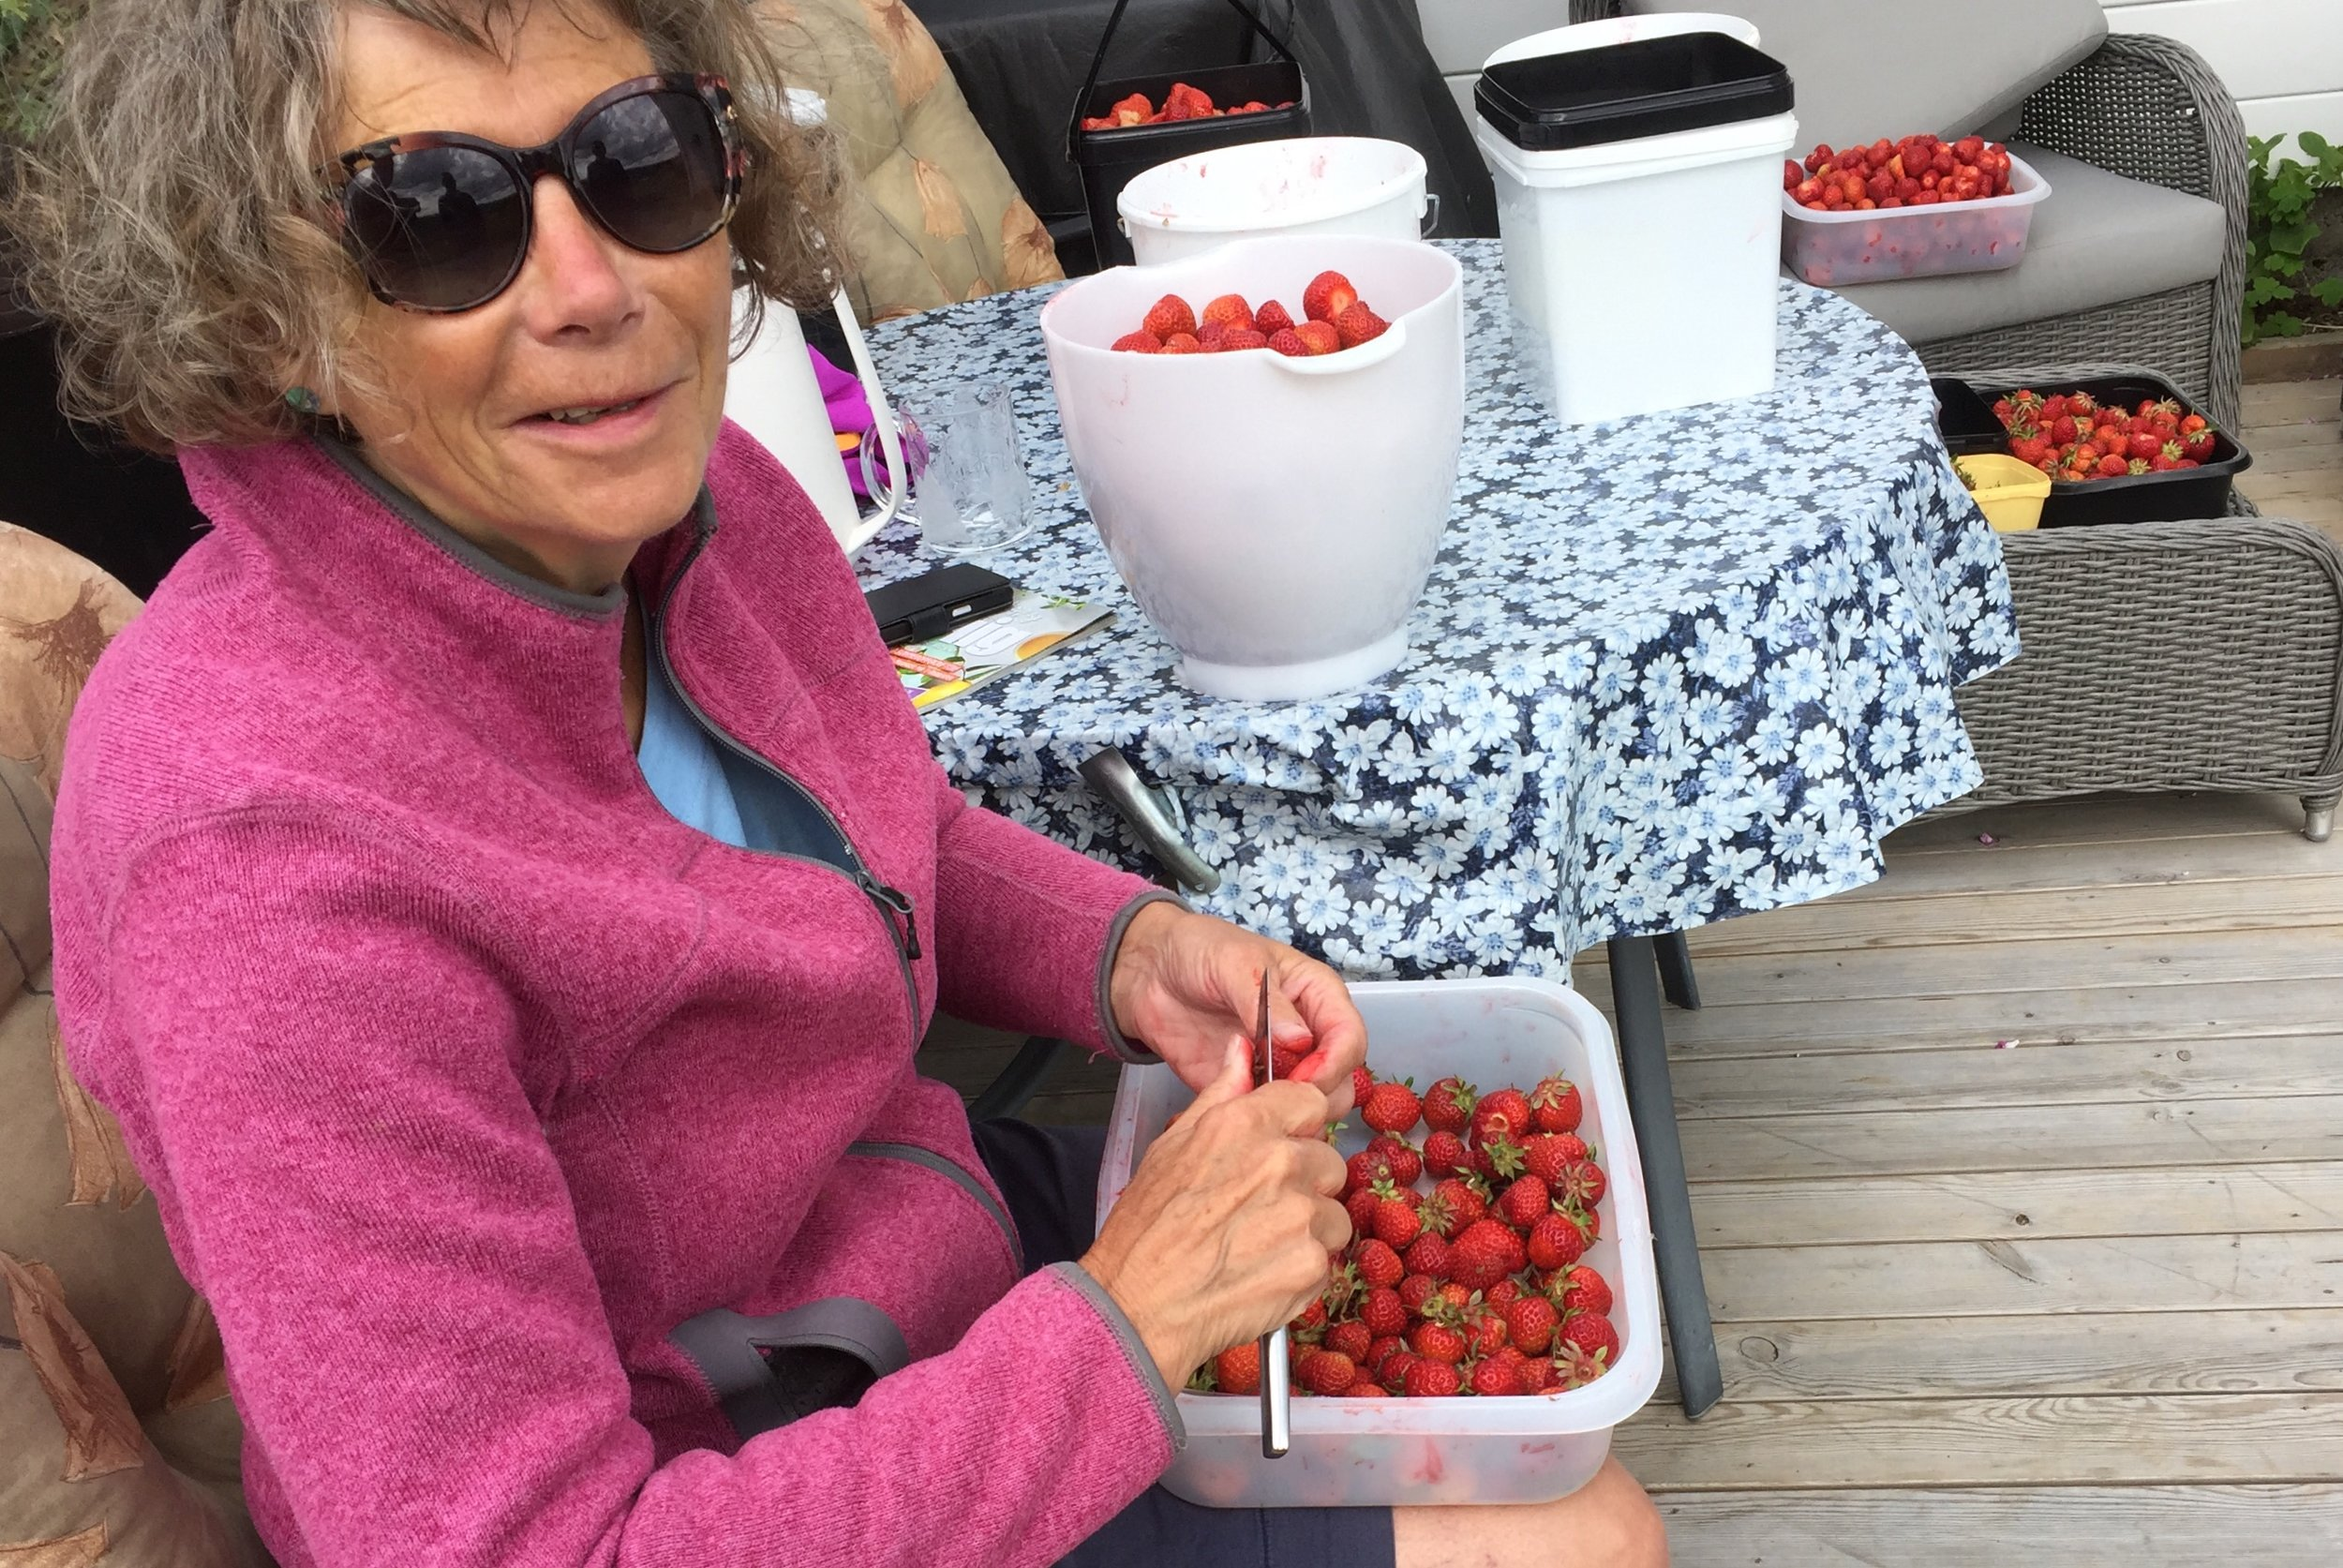 Eline Kaldbast Berge renser jordbær før det skal røres og fryses.